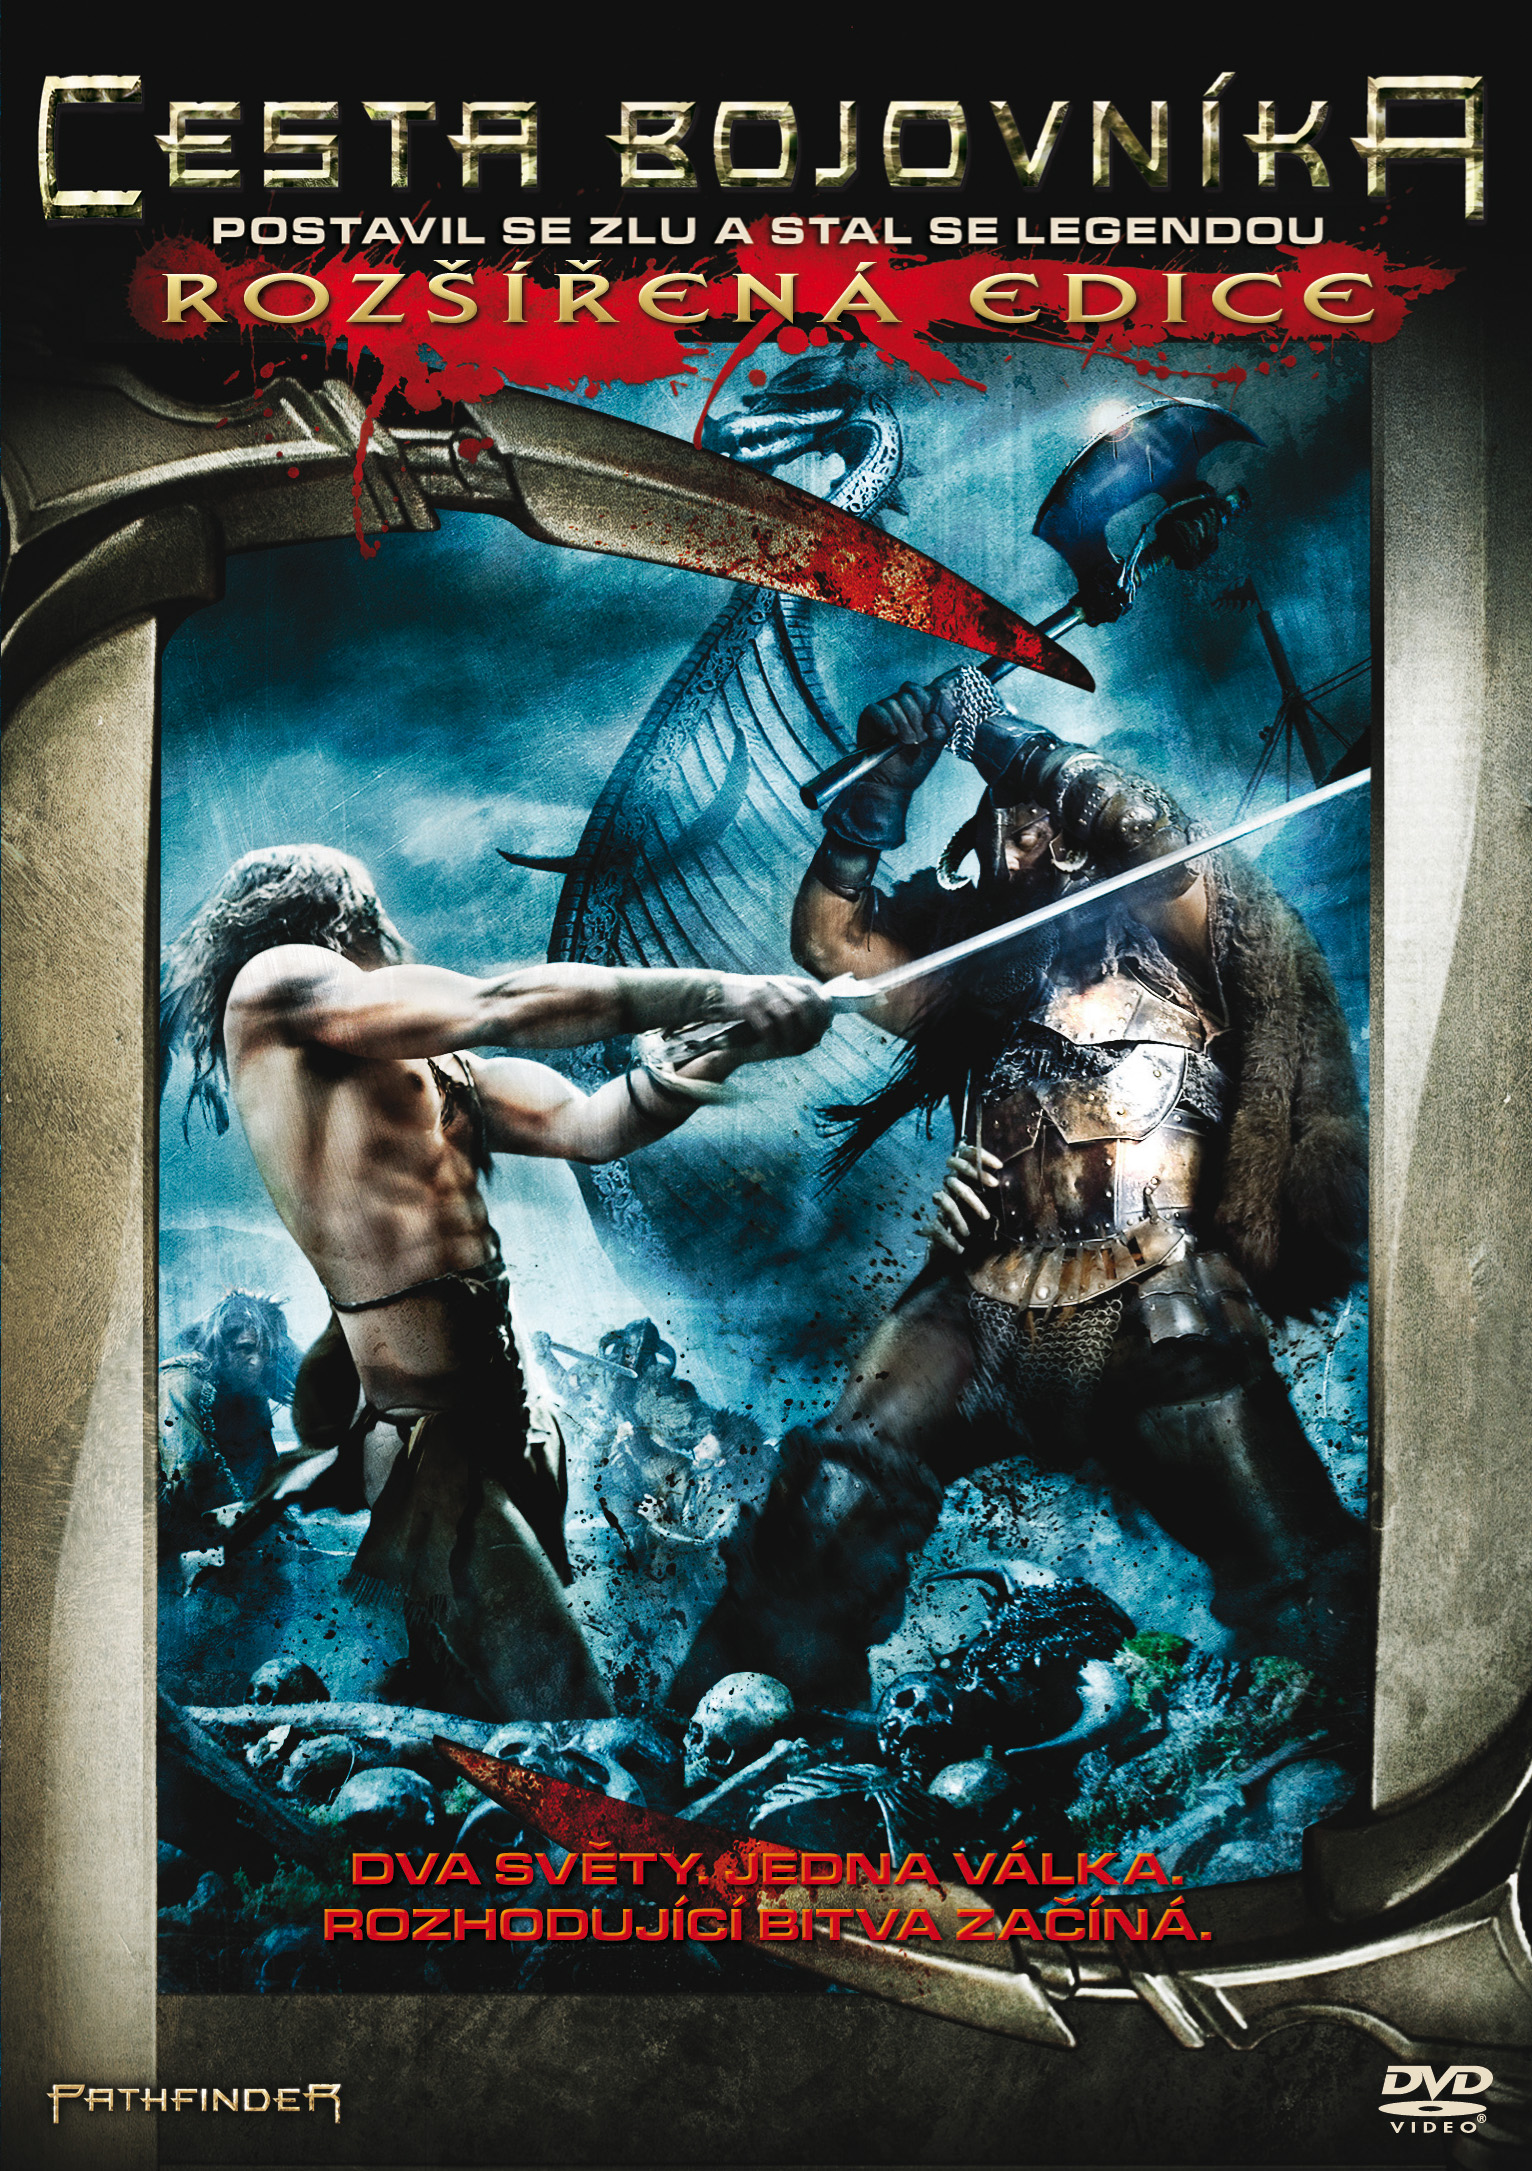 Film Cesta bojovníka ke stažení - Film Cesta bojovníka download